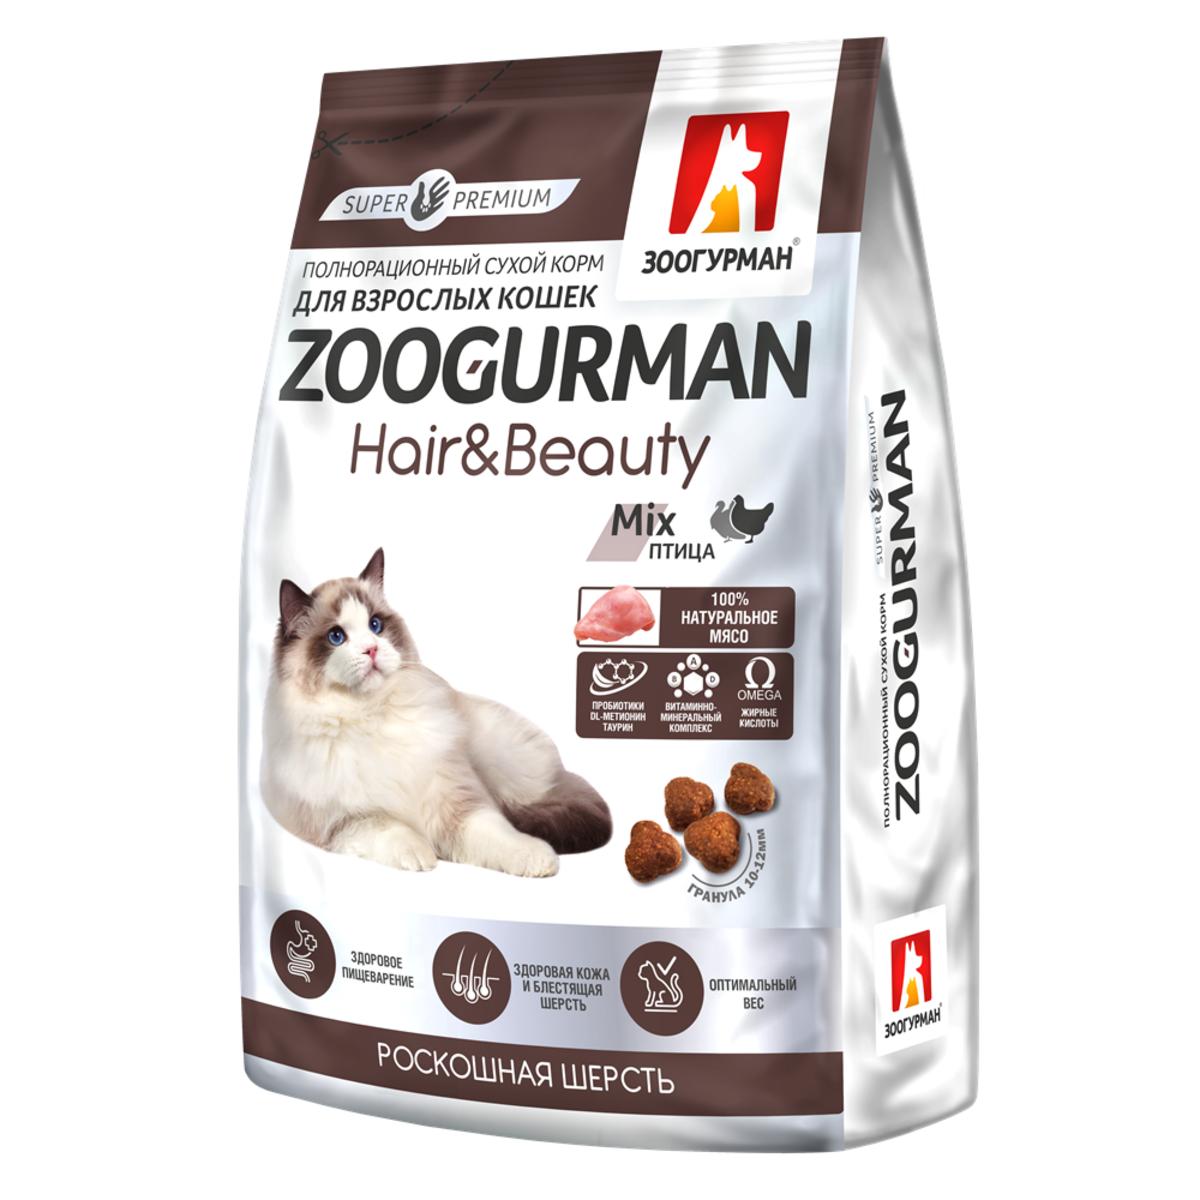 Полнорационный сухой корм для взрослых кошек Zoogurman Hair&ampBeauty Птица/Mix 0.35кг